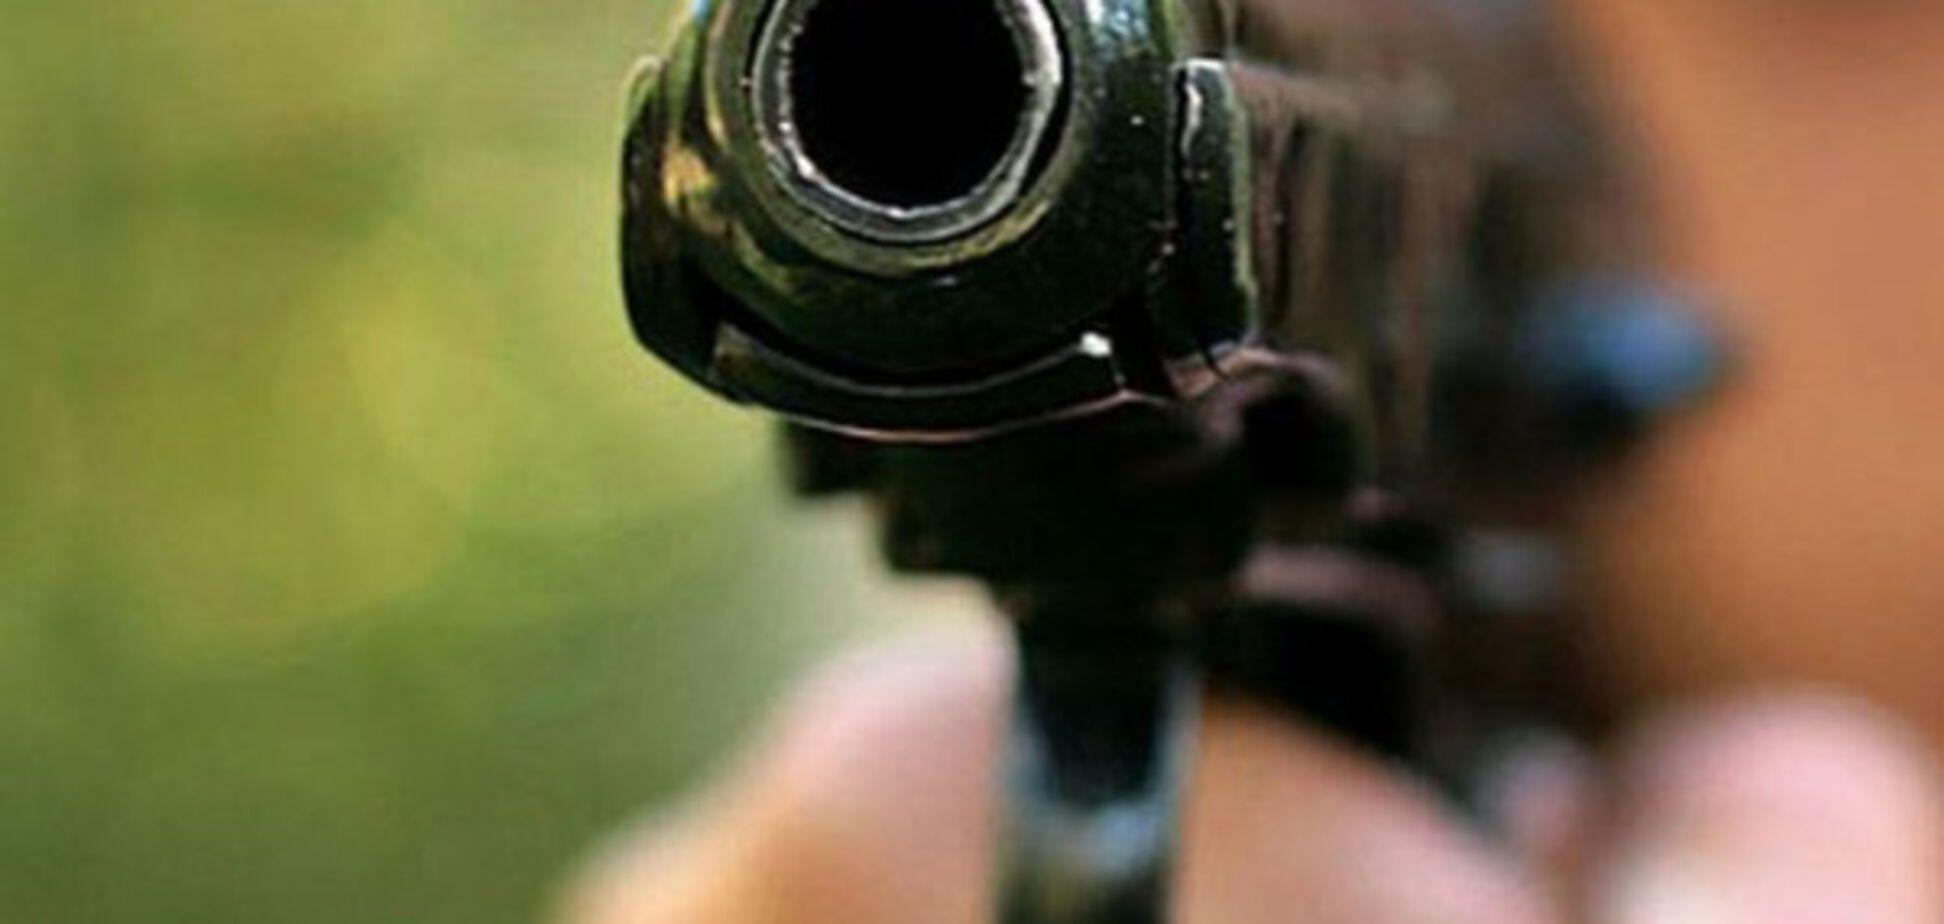 В полиции прокомментировали ситуацию с перестрелкой между подростками